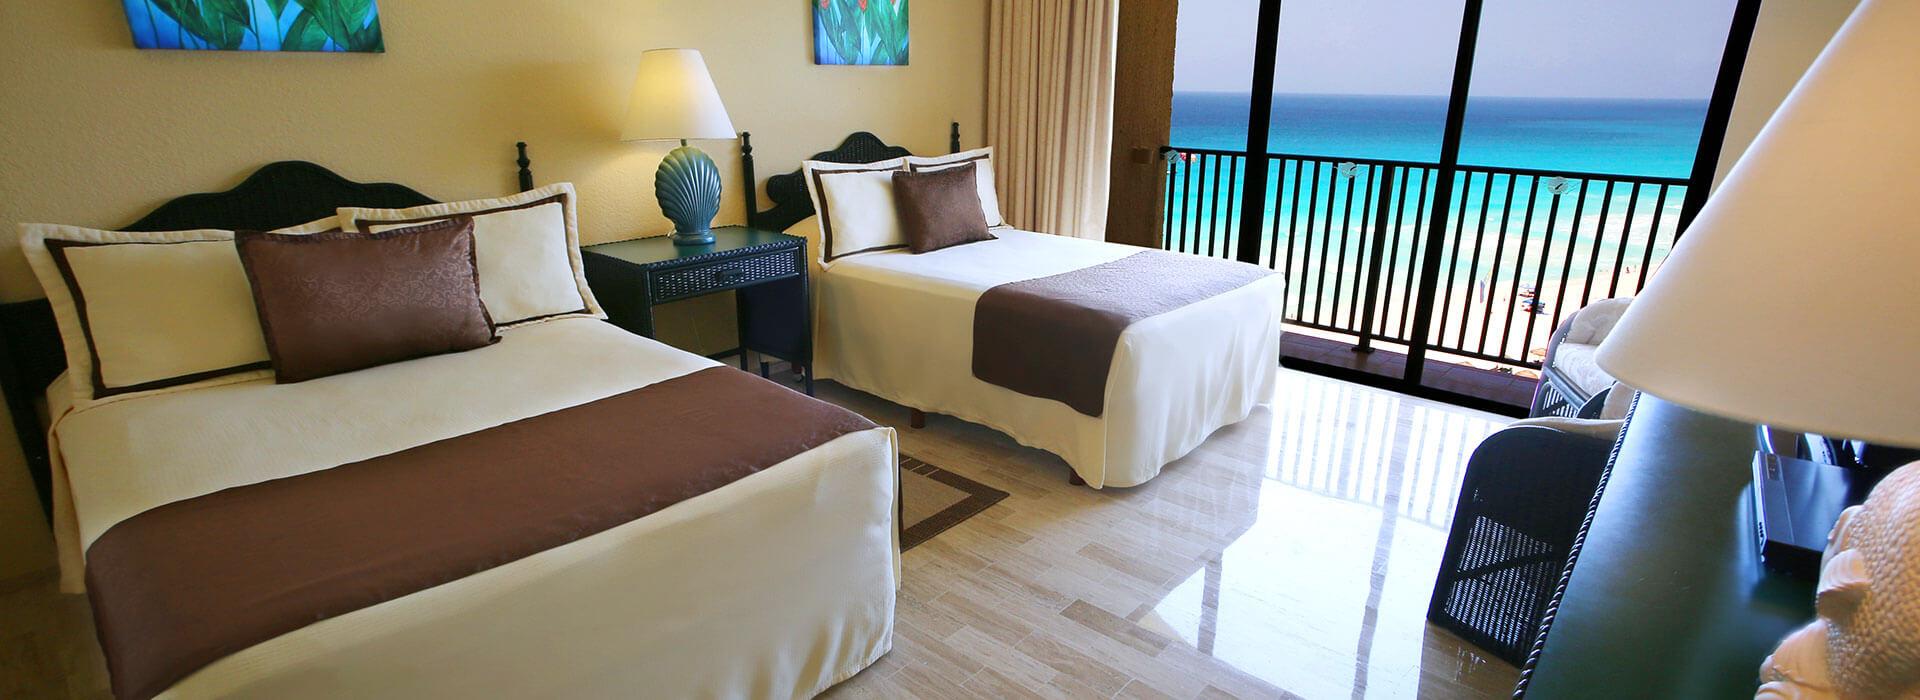 amplia habitación de 2 cuartos en hotel de cancún